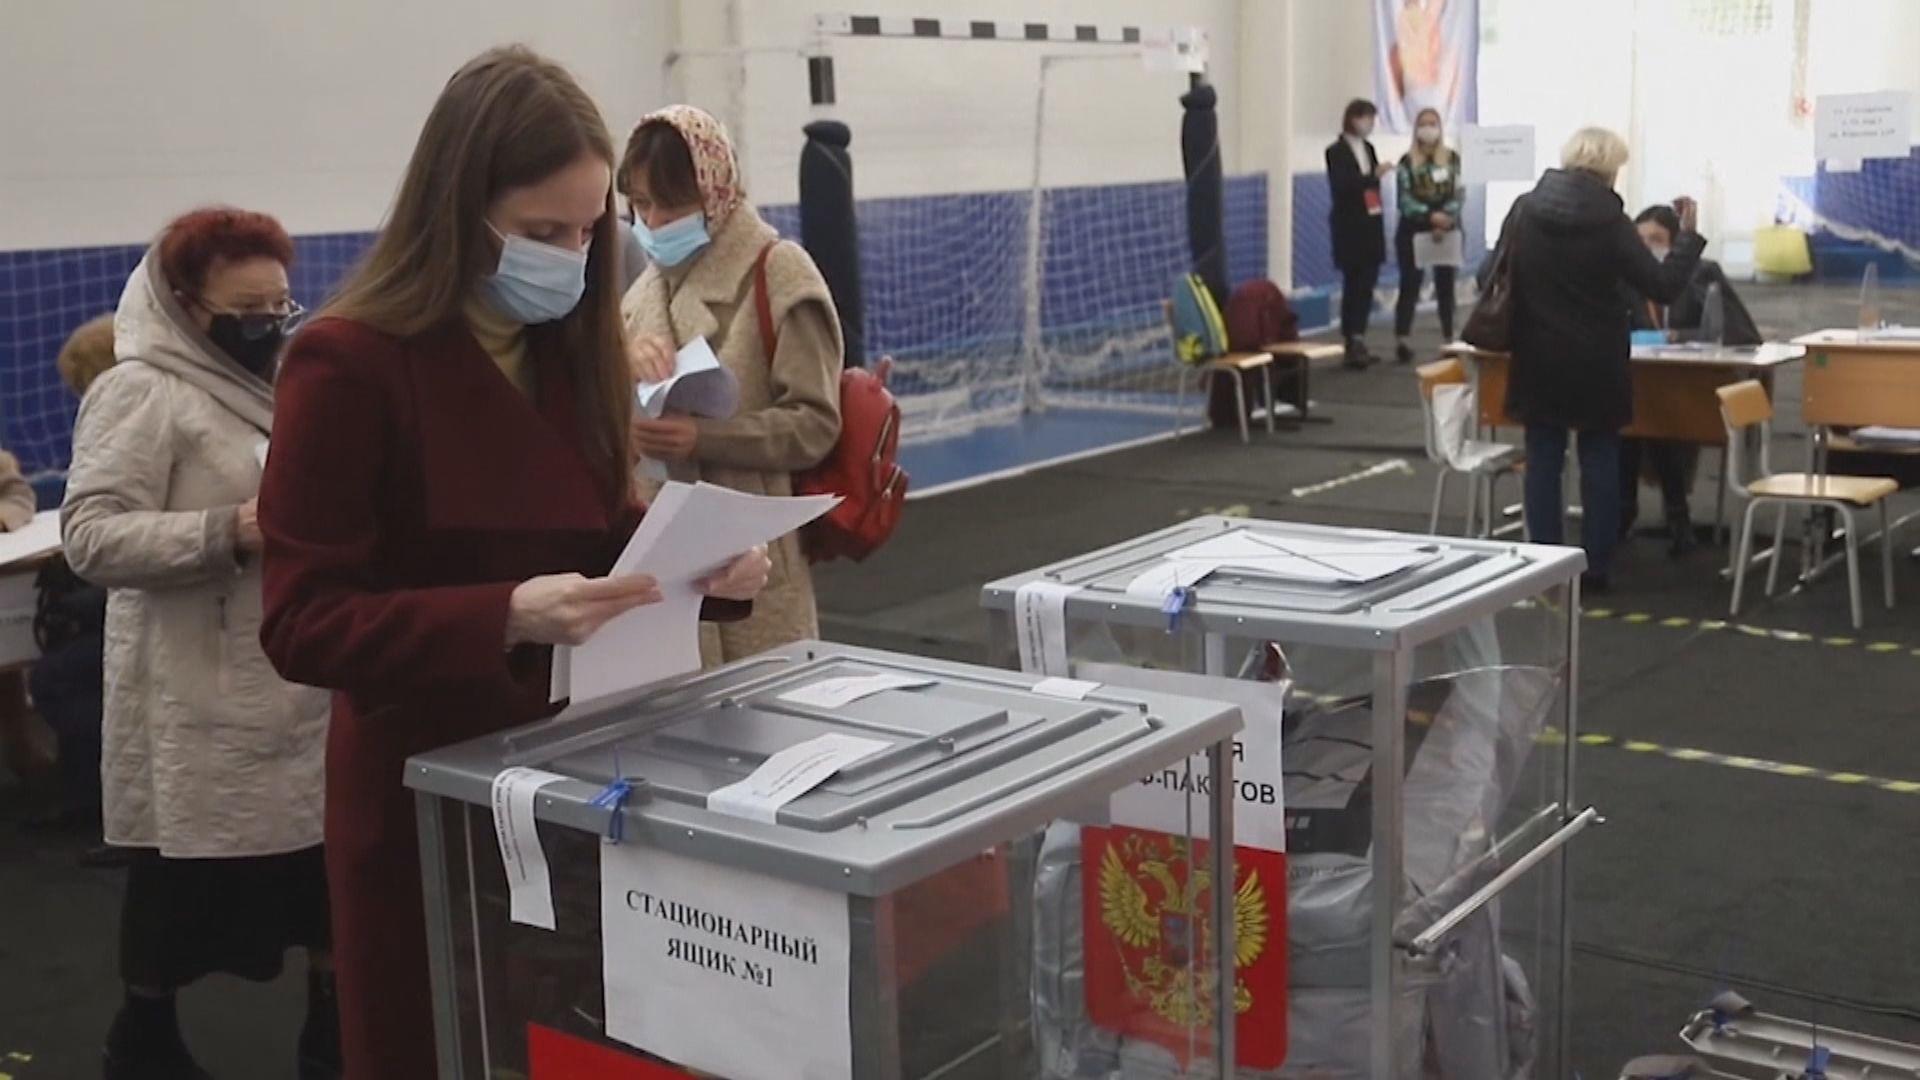 俄羅斯國家杜馬選舉結束 執政黨料取得過半席位